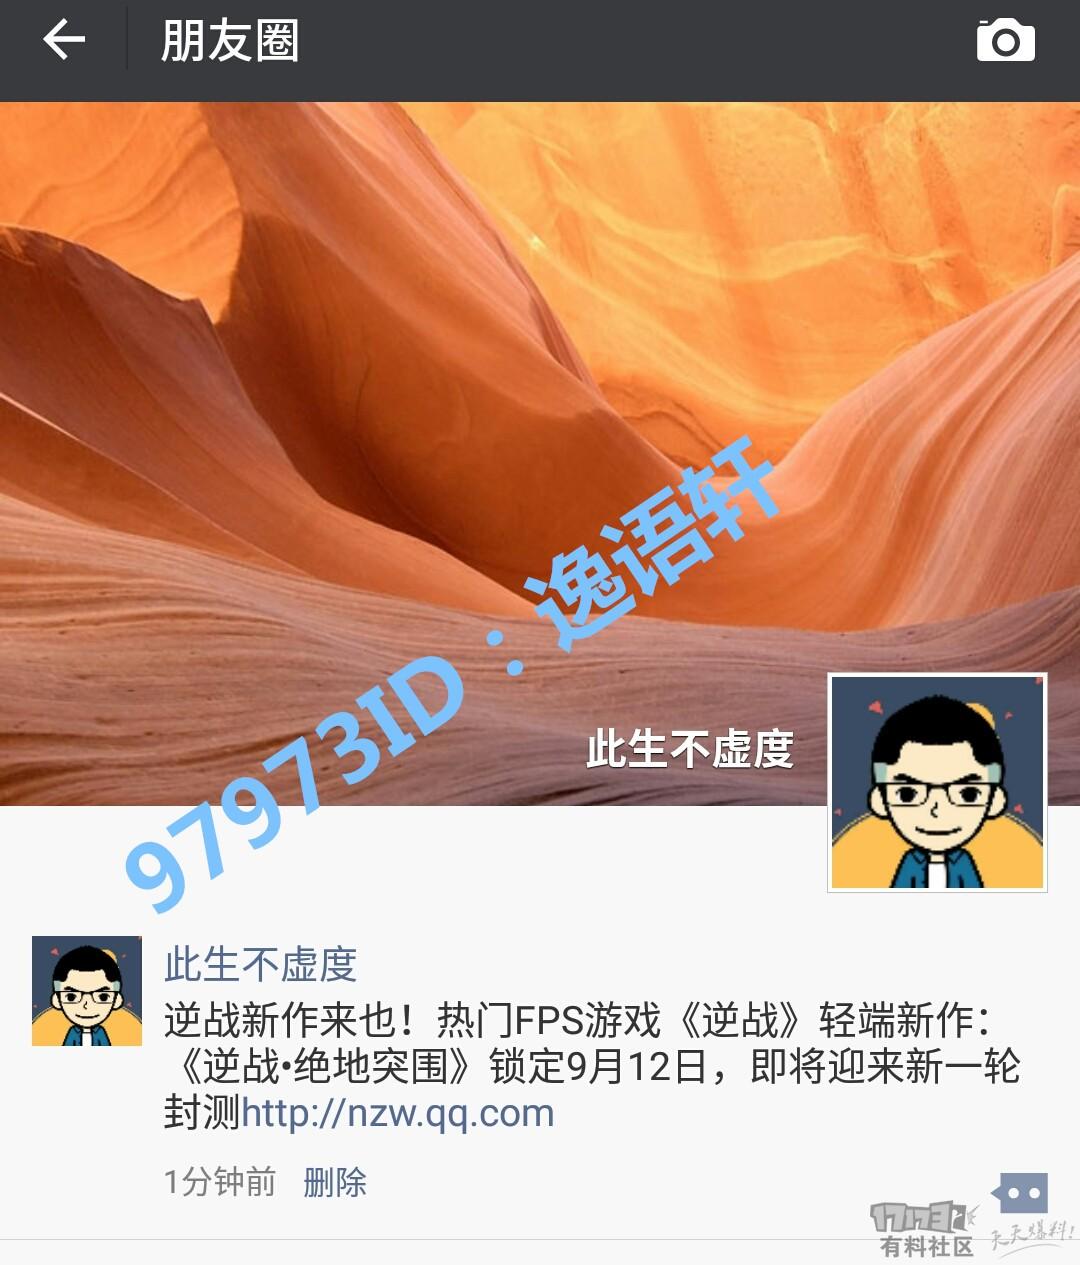 Screenshot_2017-09-12-12-22-38_副本.jpg